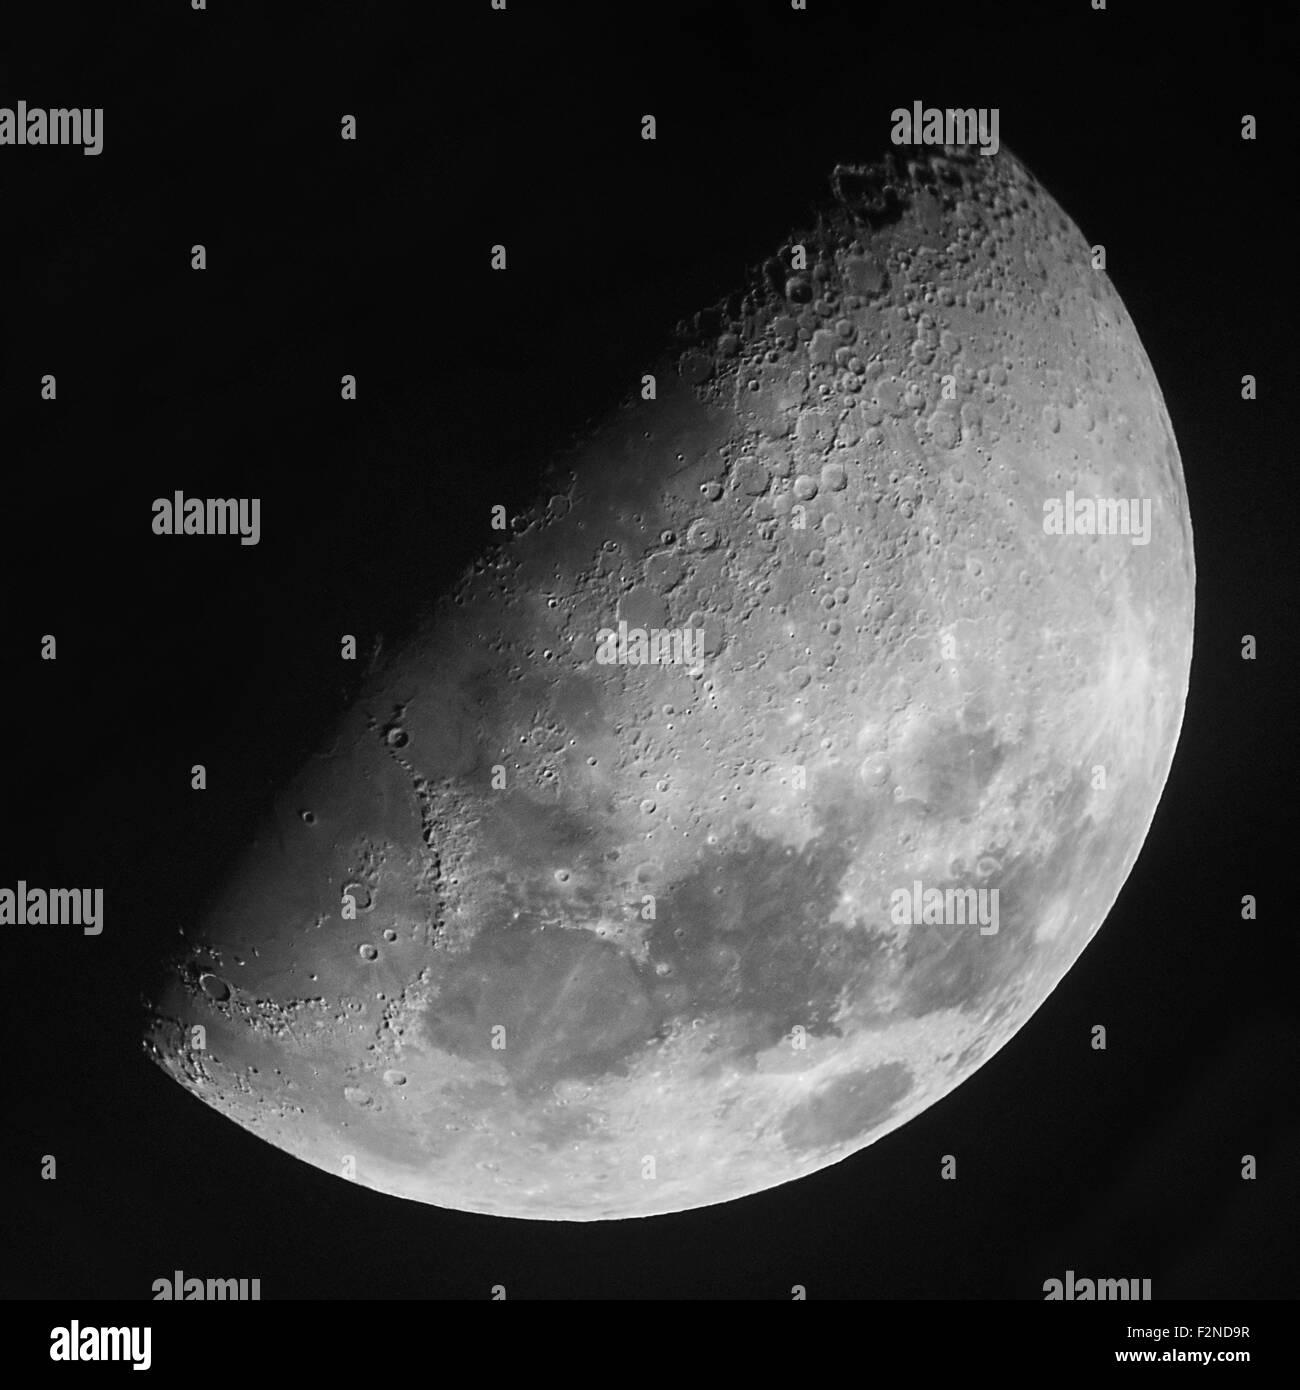 Photographie réelle de demi lune prise au foyer primaire au moyen d'un pouce 5 / 127mm Maksutov-Cassegrain Photo Stock